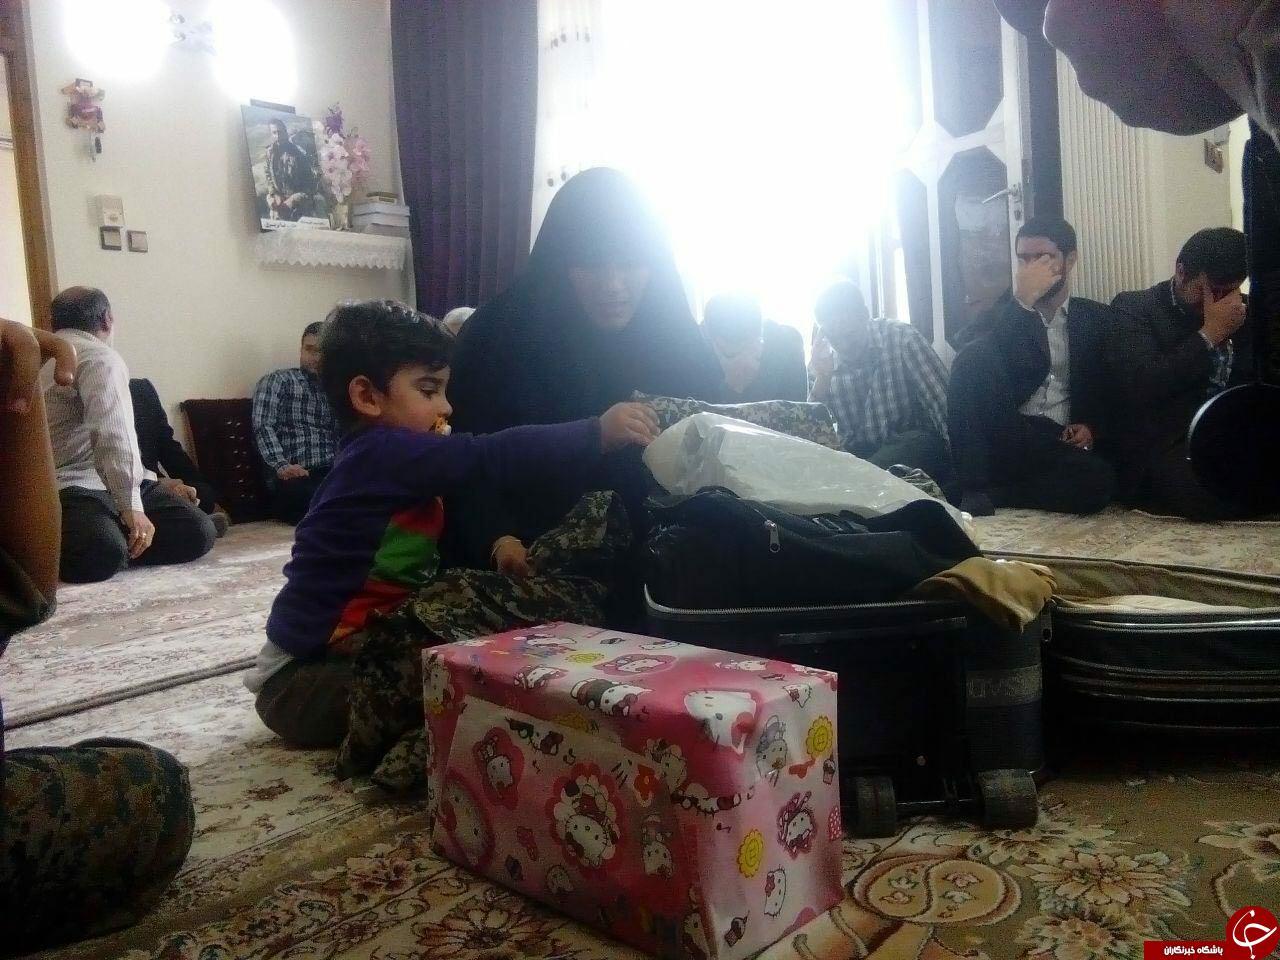 مراسم تحویل چمدان  یک شهید مدافع حرم به خانواده+عکس